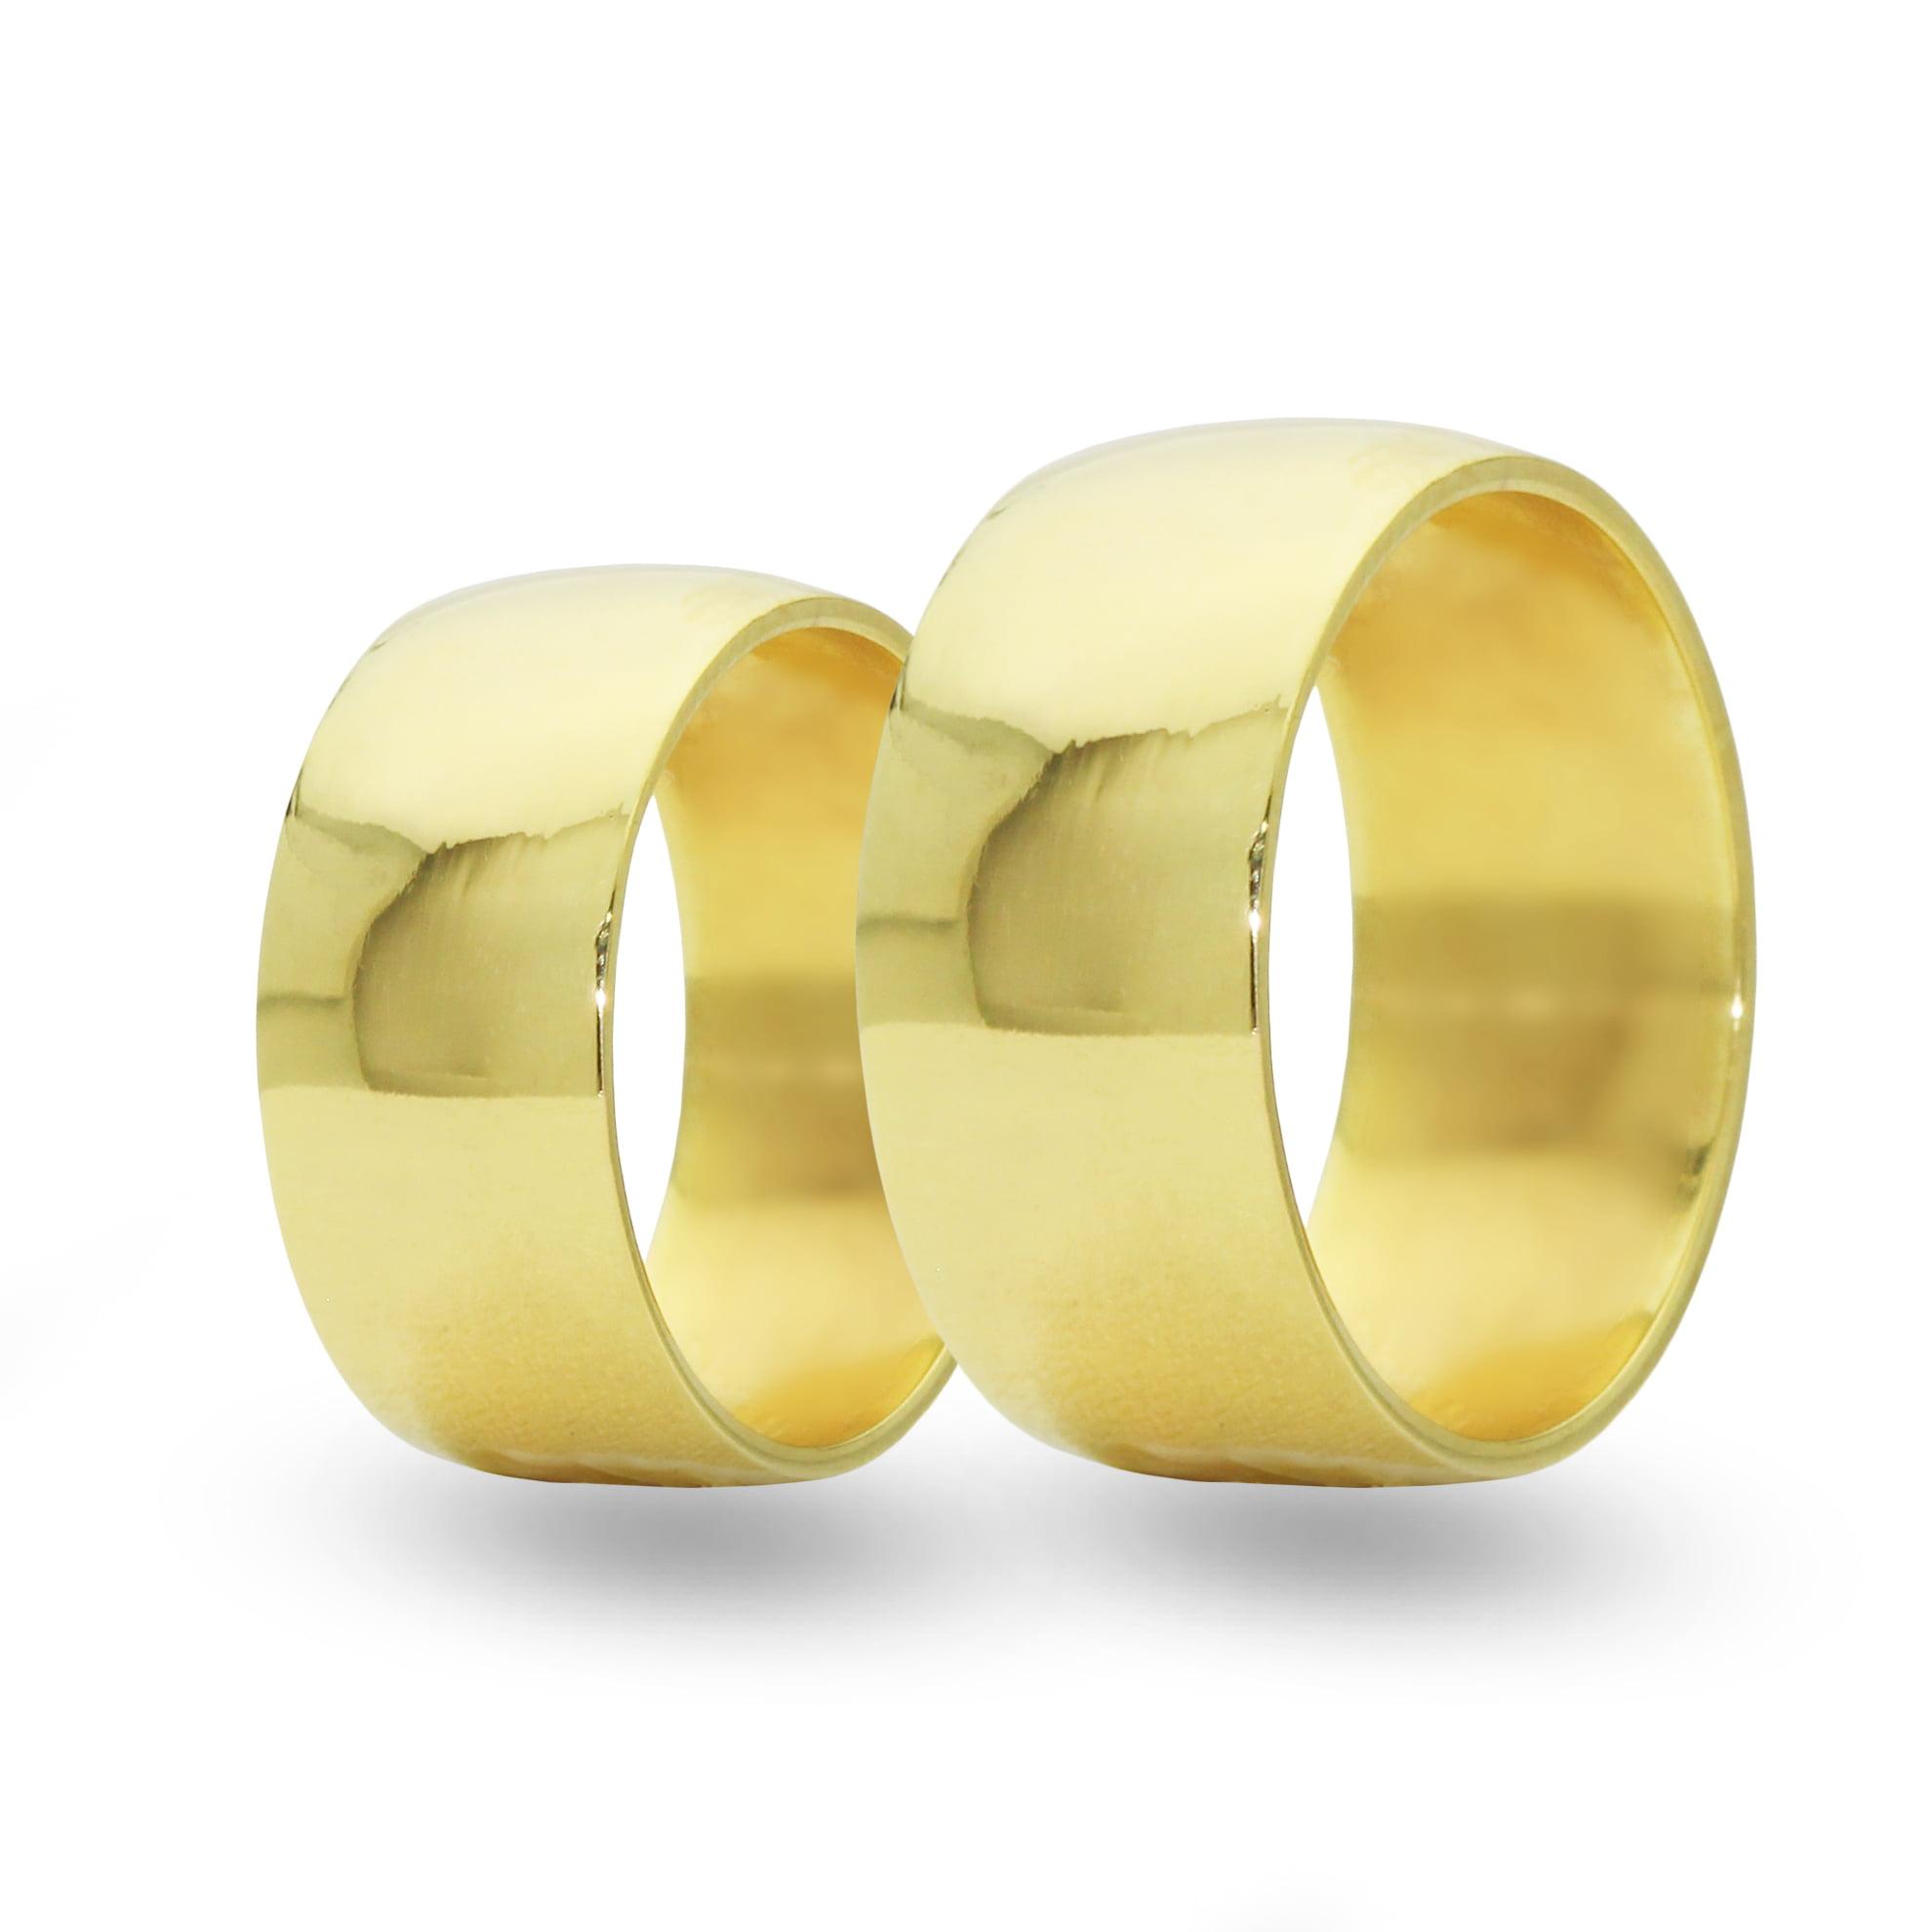 Par de Alianças em Ouro 18k 7 gramas 7mm de largura – Fio Reto Polida